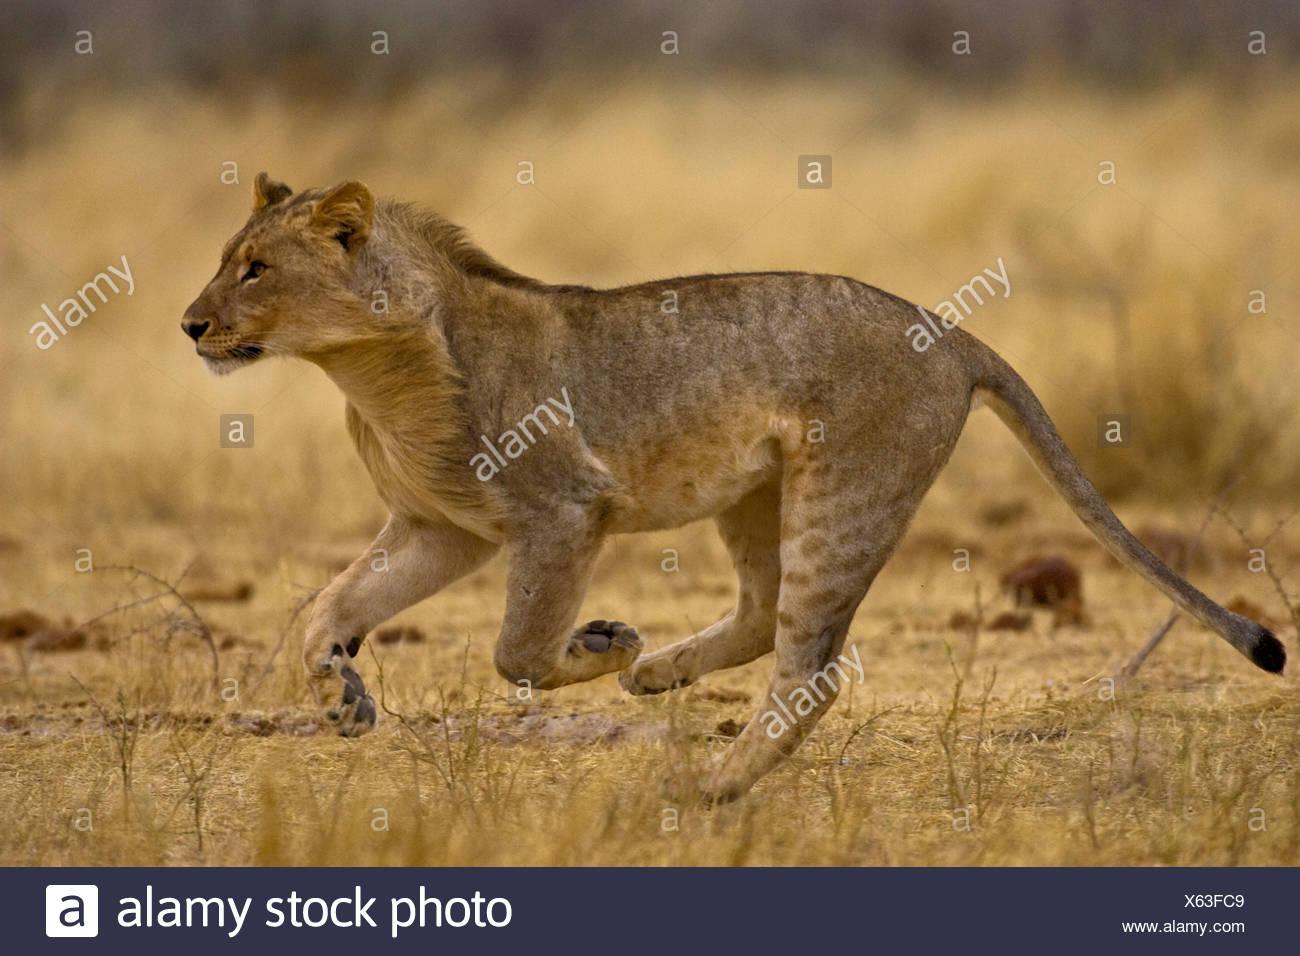 Young lion running, Etosha National Park, Namibia - Stock Image